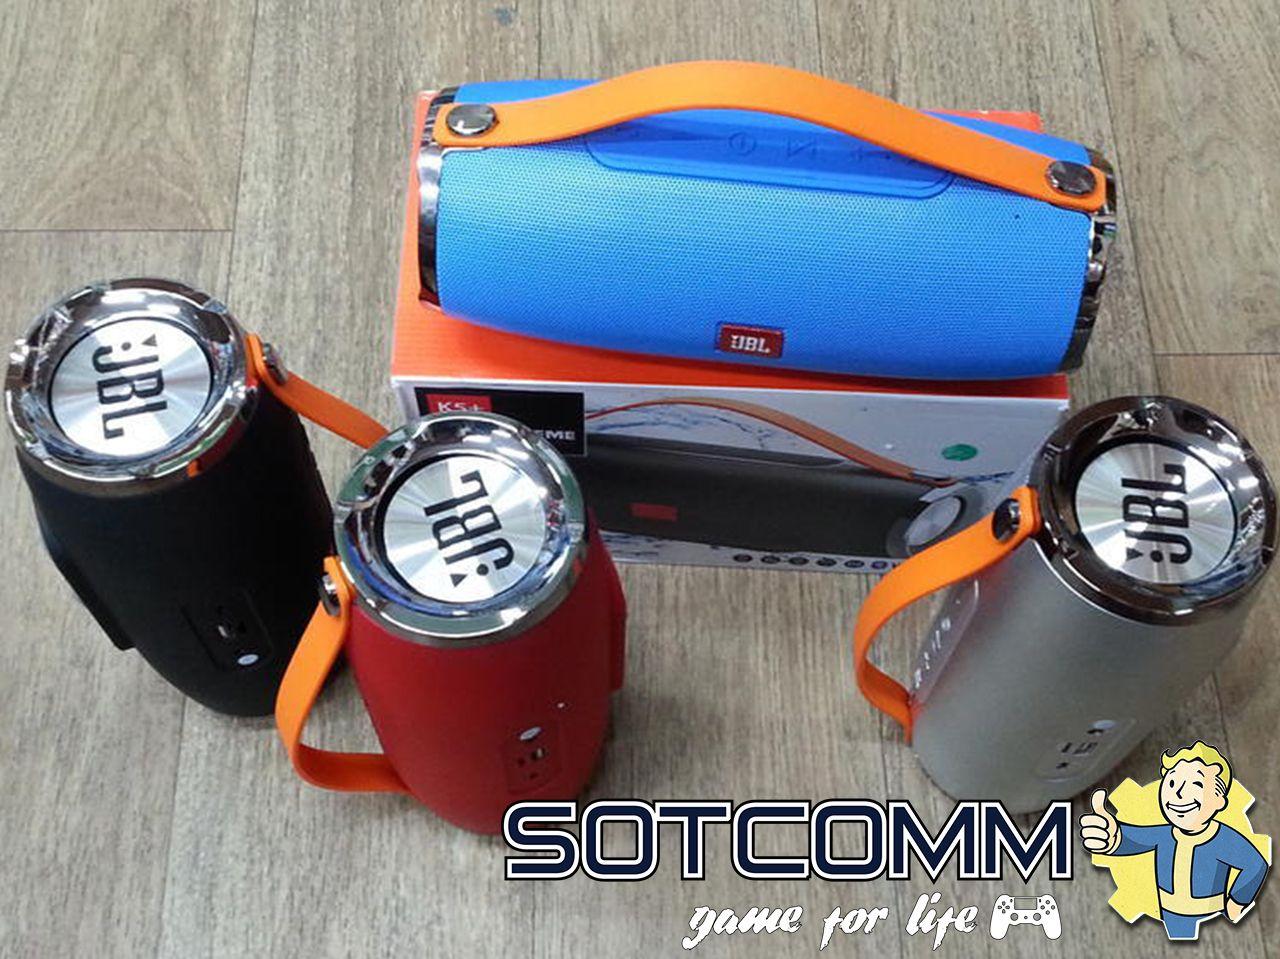 JBL Mini Xtreme K5+ купить в Челябинске недорого